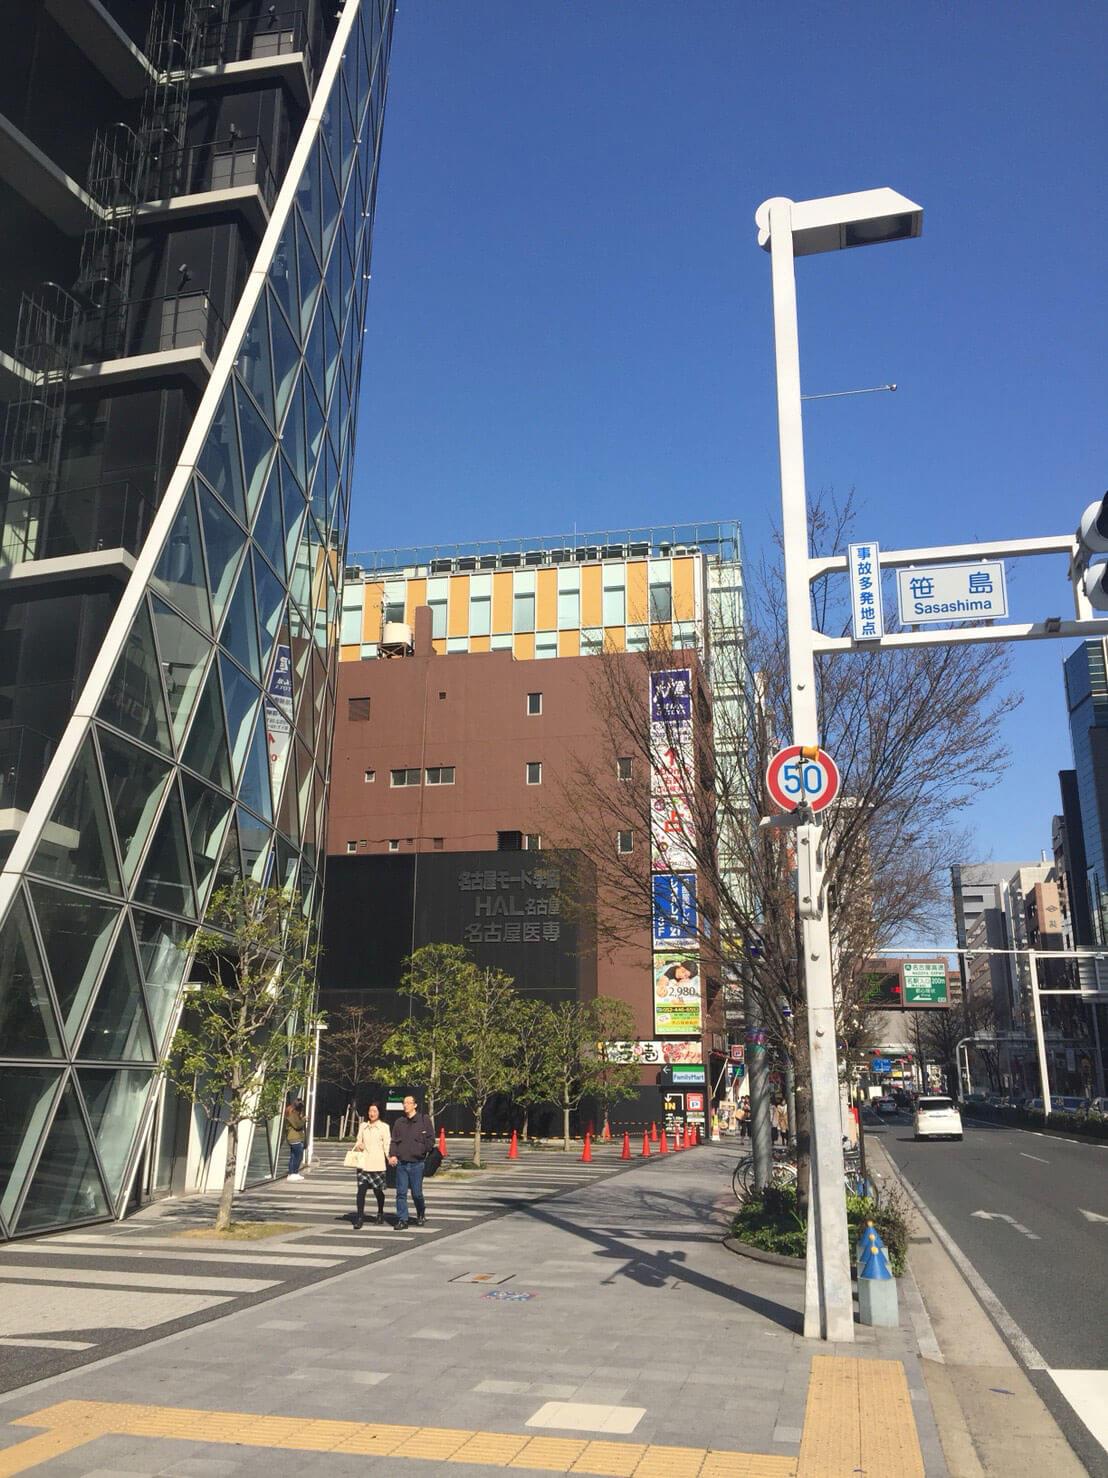 名古屋モード学園を左手にし、笹島交差点を左に曲がります。